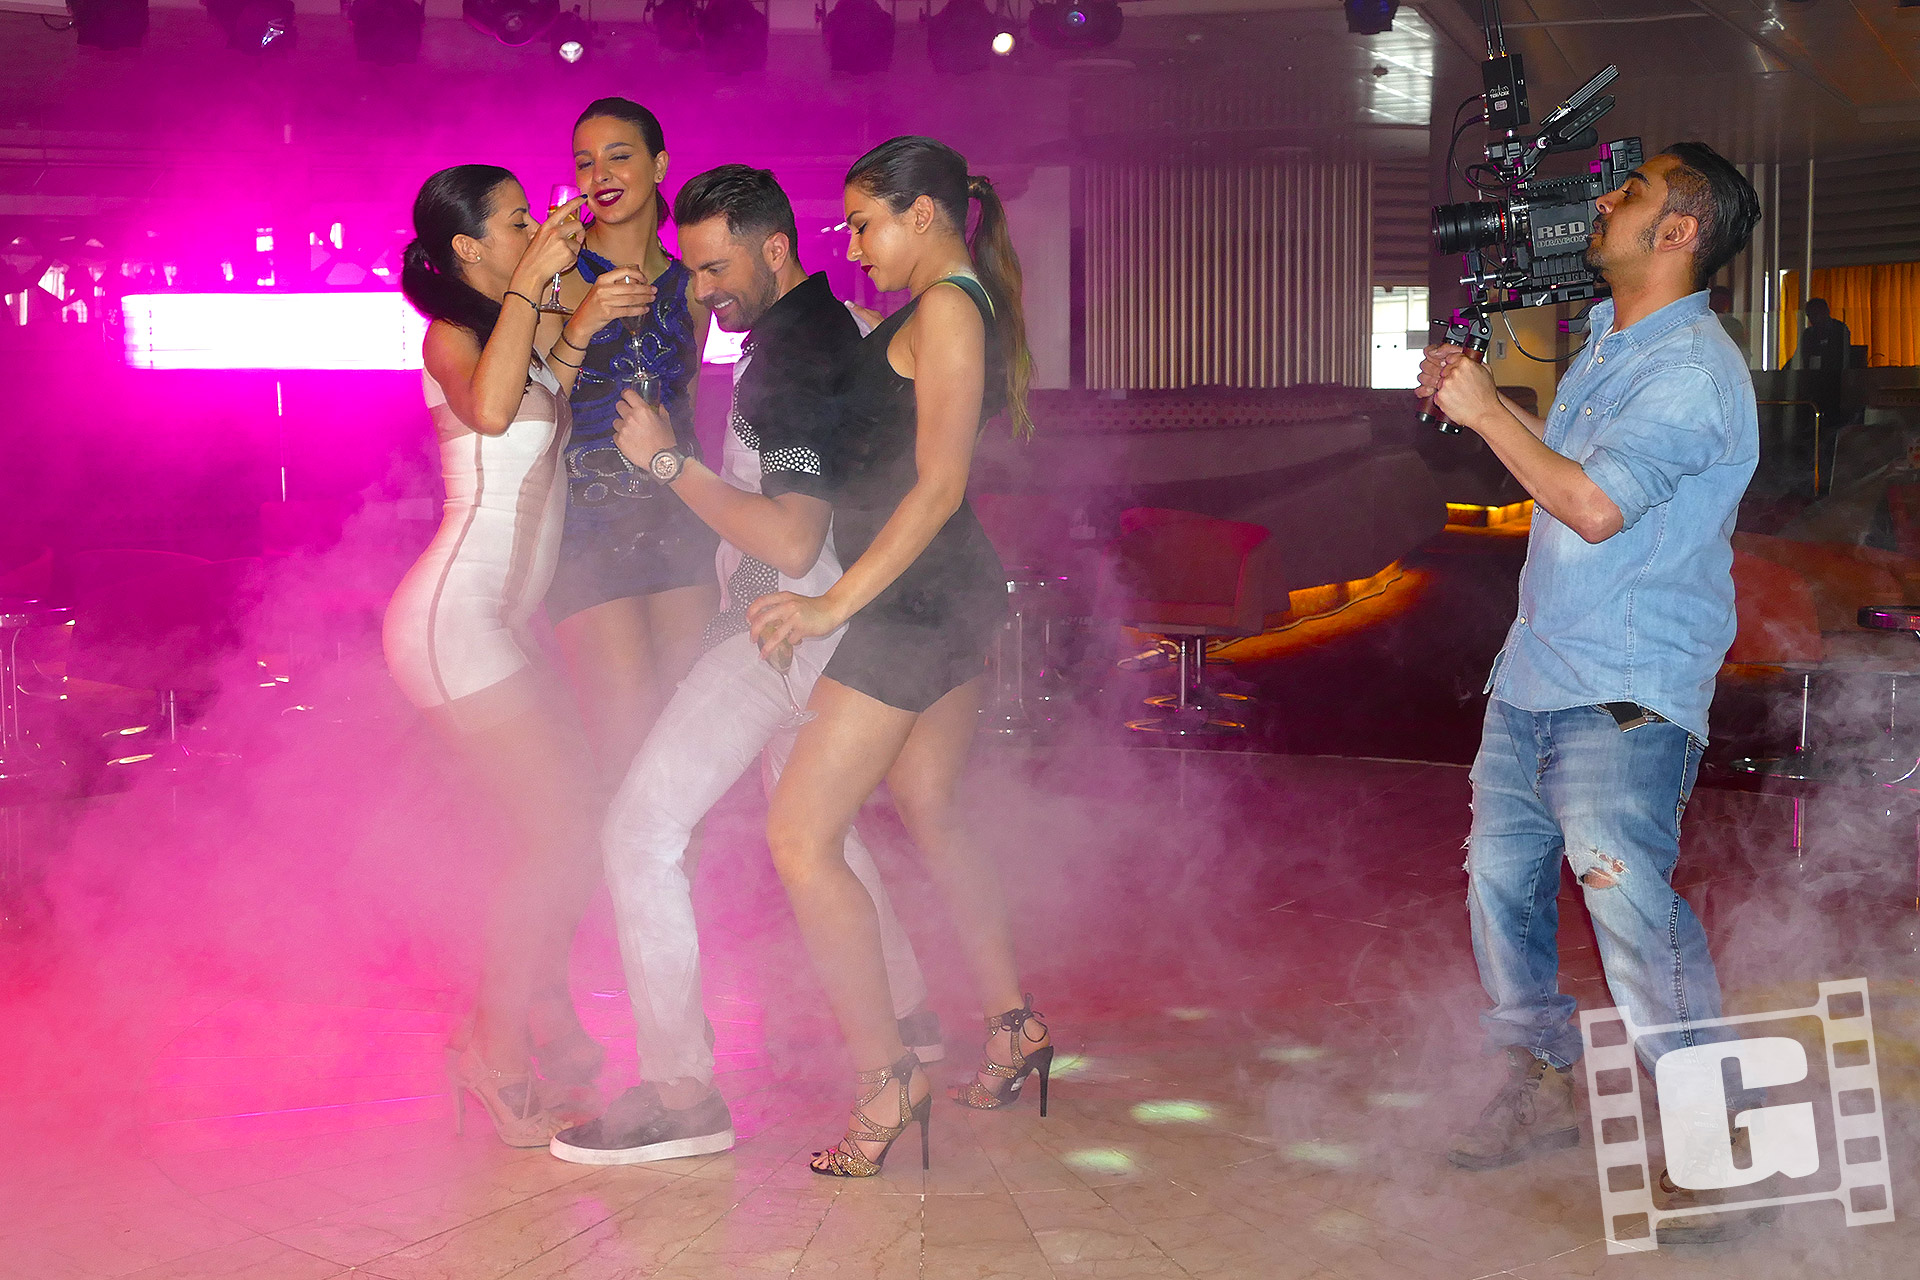 Ηλίας Βρεττός, Ανεβαίνω, Ilias Vrettos, Anevaino, videoclip, backstage, Chris Giatrakos, Photography